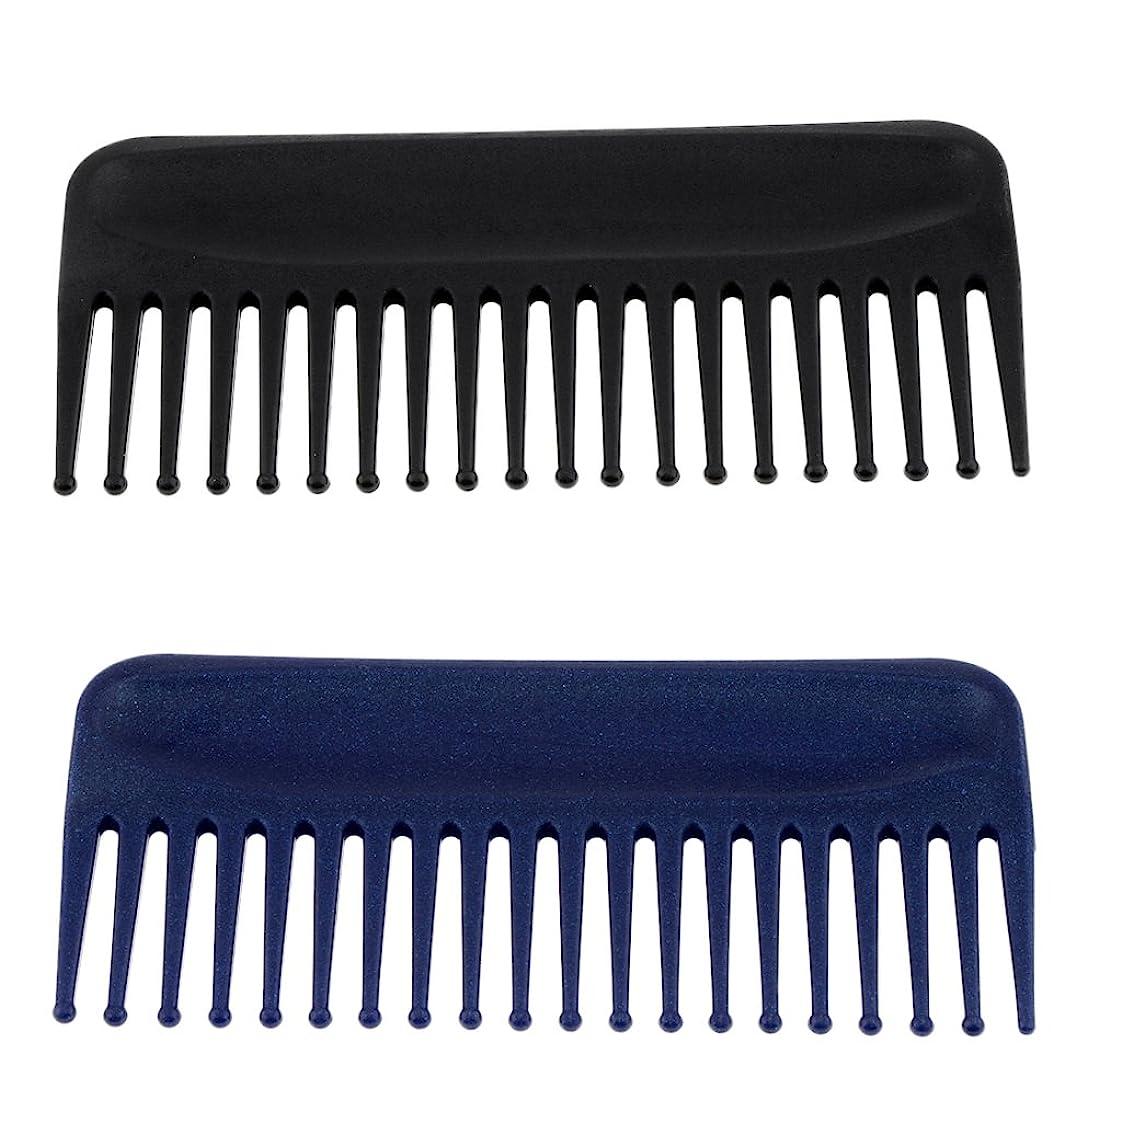 普及全滅させる費やすBaosity ヘアコーム くし 櫛 ヘアブラシ  頭皮マッサージ 静電気防止 美髪ケア 快適 プラスチック製 2個